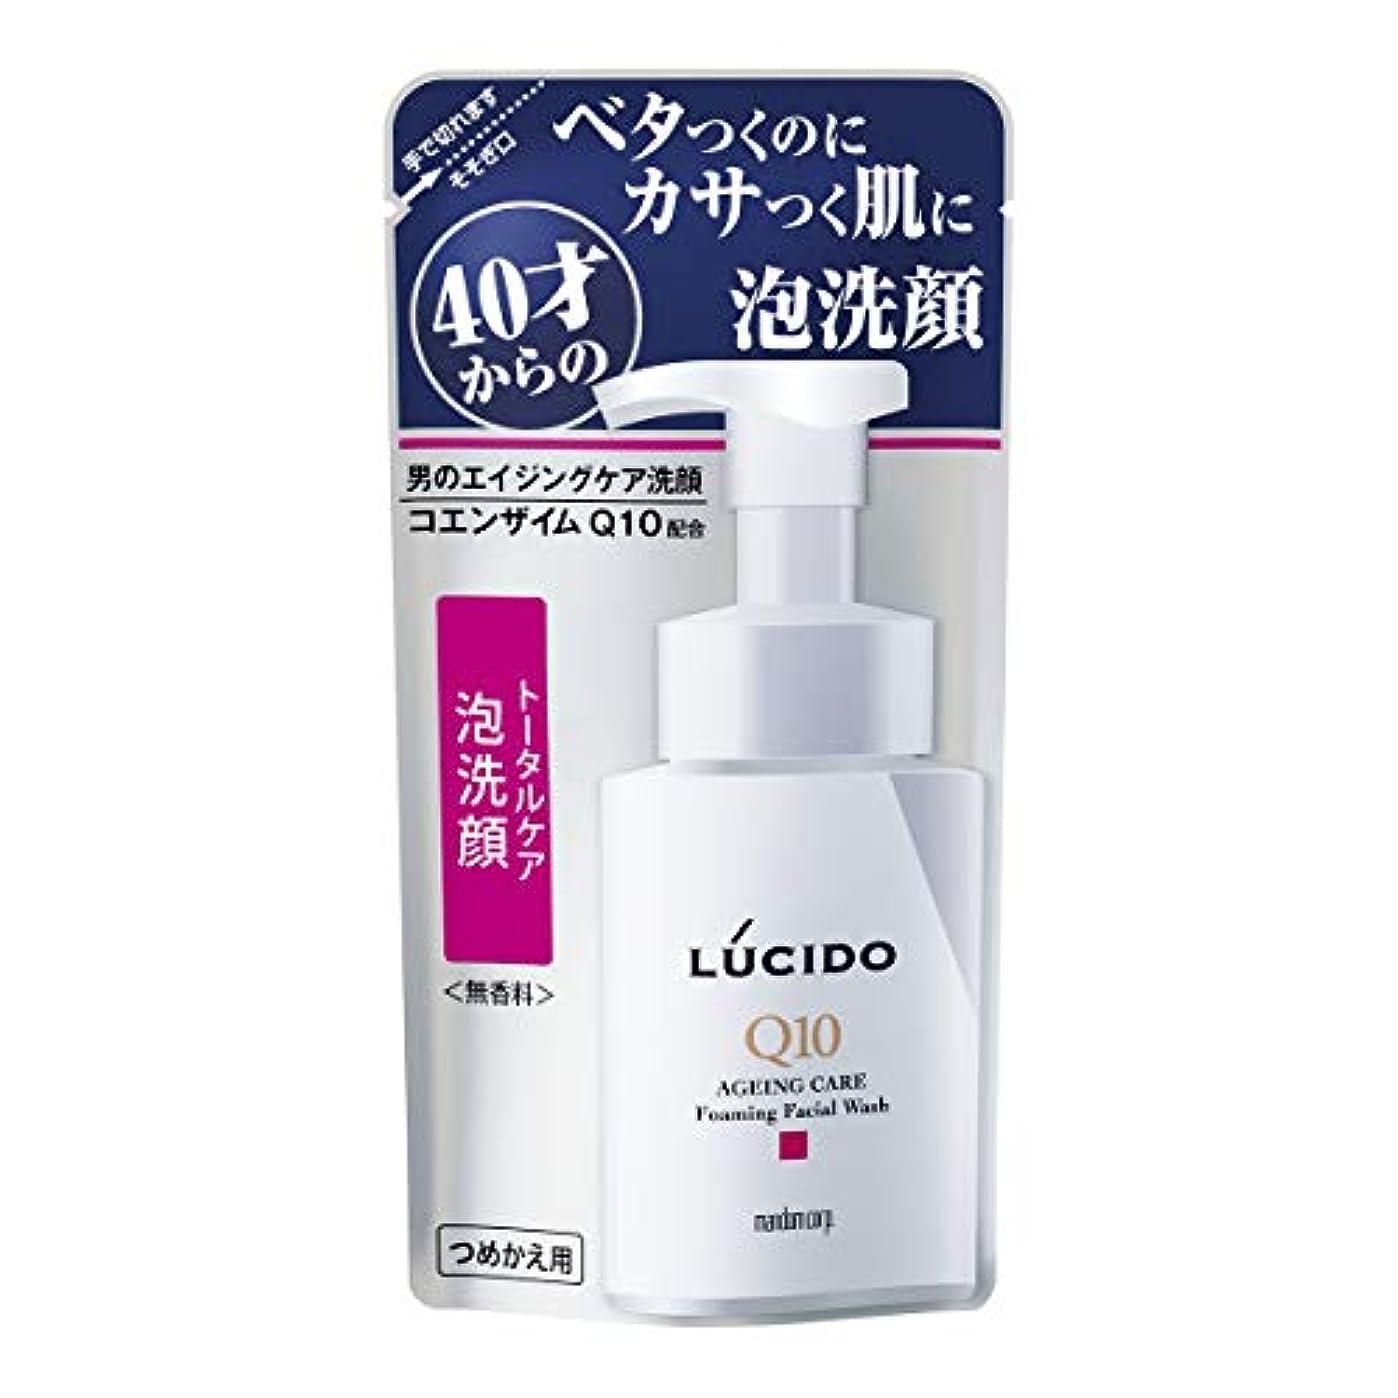 コンピューターゲームをプレイするポットメロンLUCIDO(ルシード) トータルケア泡洗顔 つめかえ用 Q10 130mL